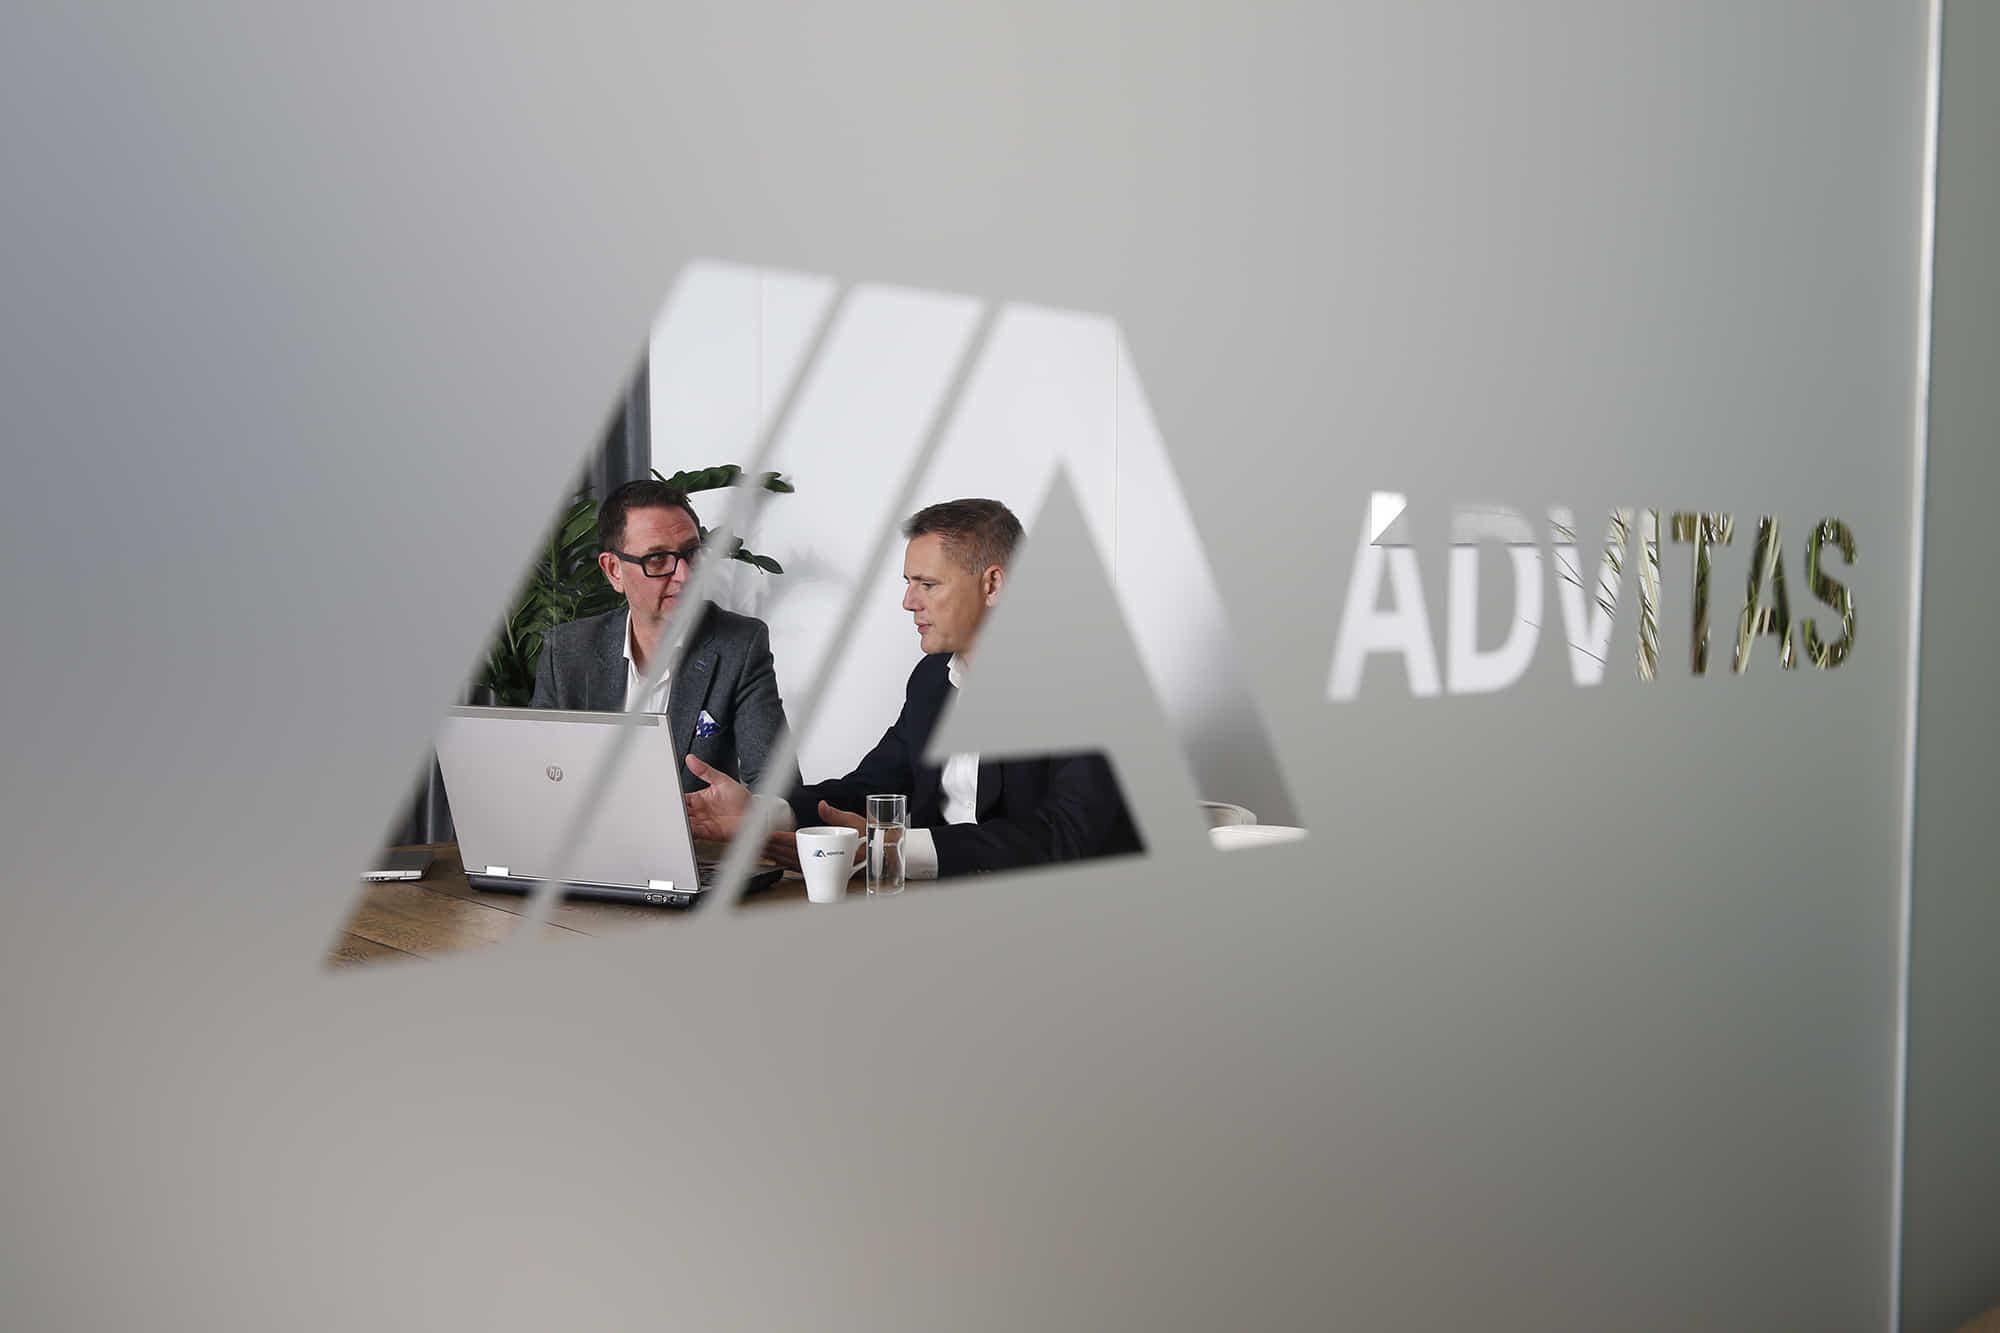 Website gemaakt voor Advitas